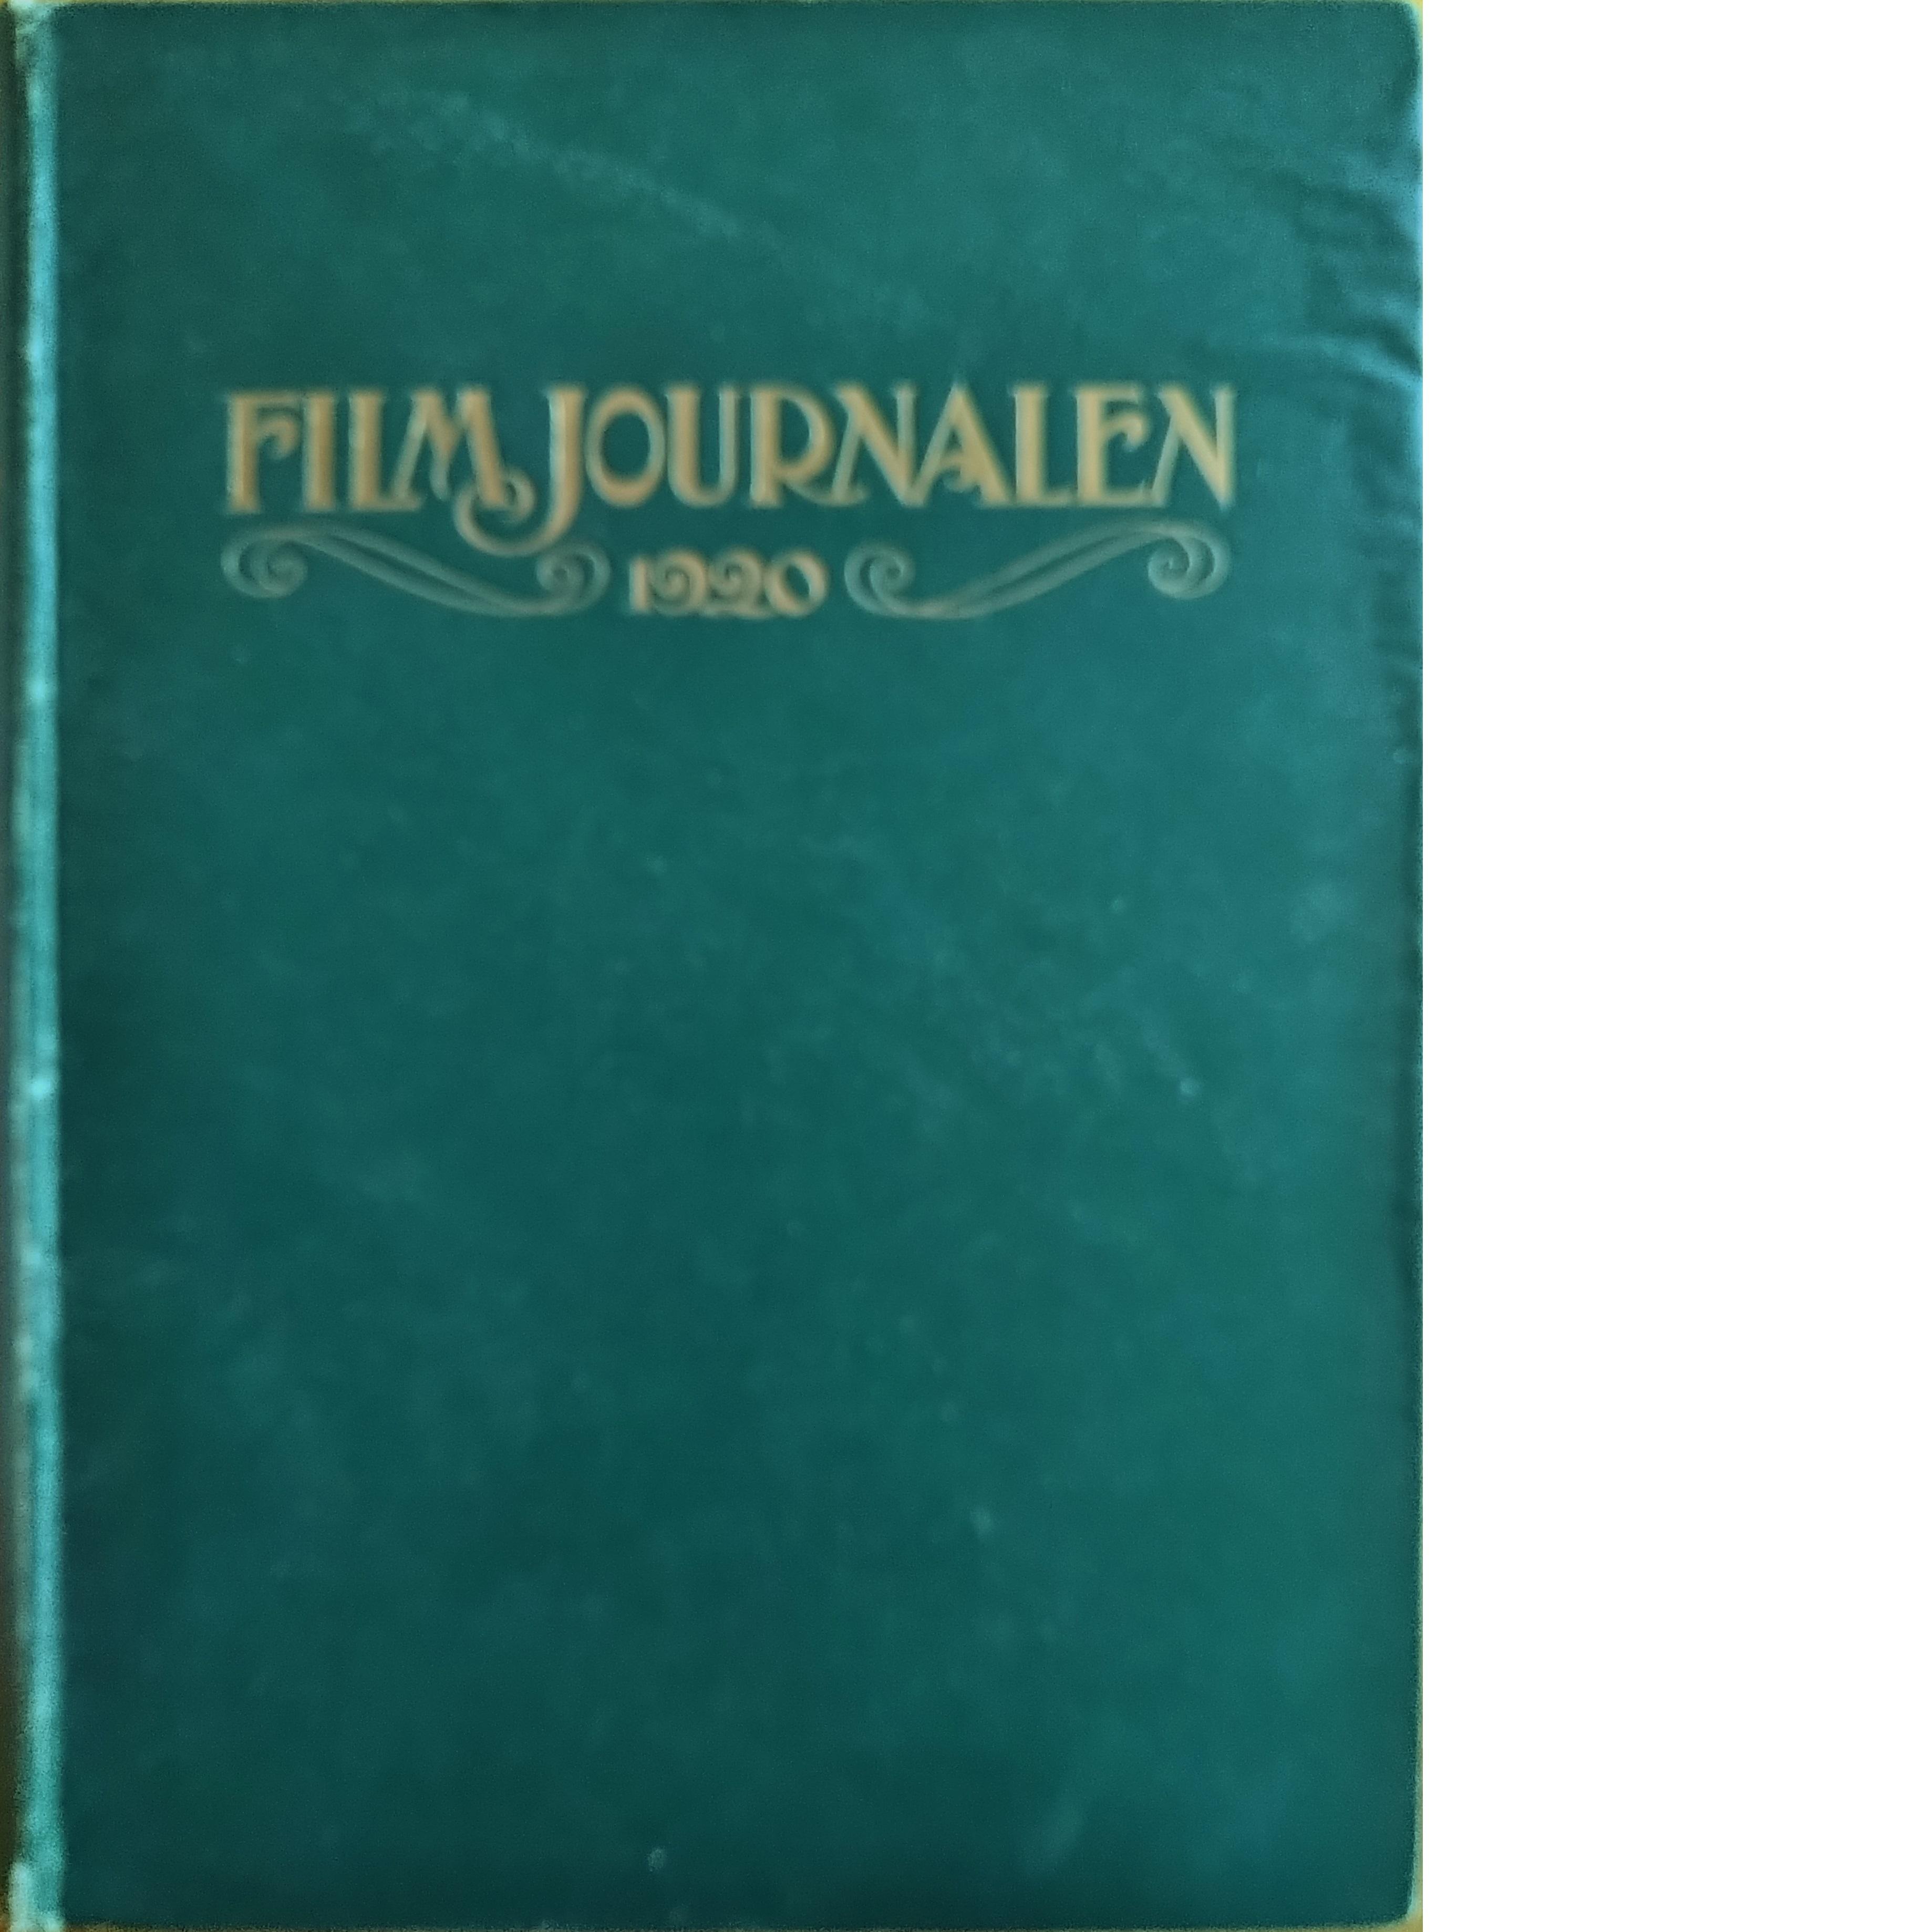 Filmjournalen 1919 1-4 + 1920 1-15 - Red.